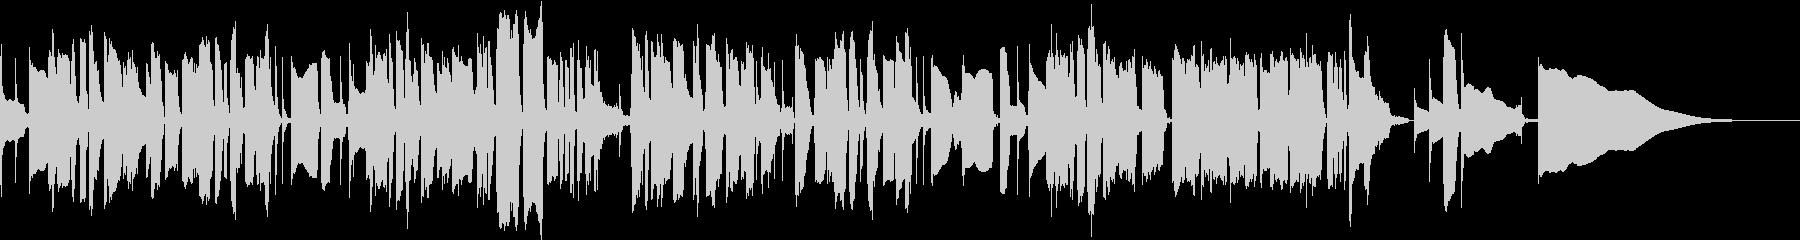 アメイジンググレイスのベース独奏の未再生の波形